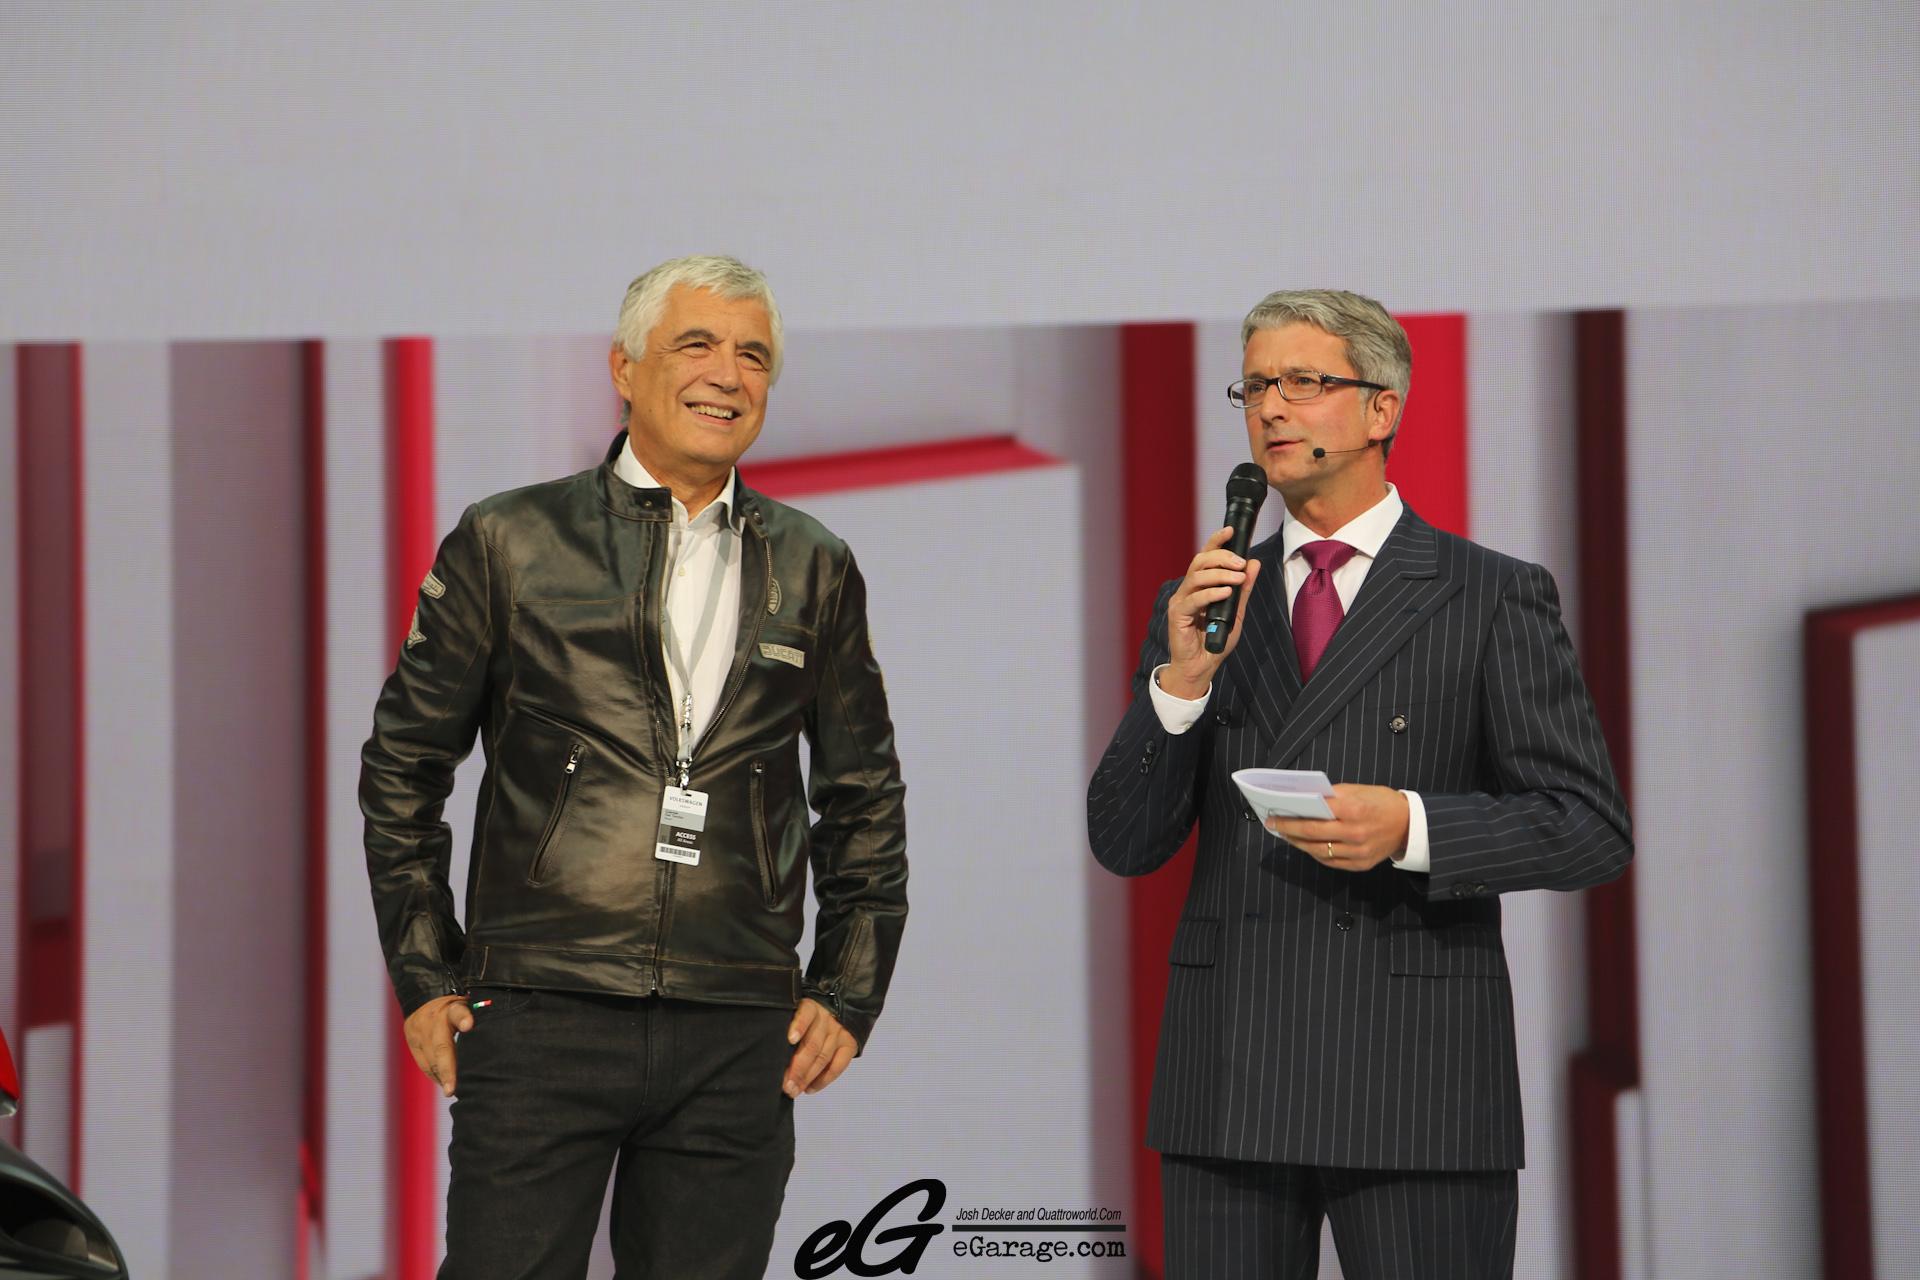 8030385830 af0ba3e81c o 2012 Paris Motor Show